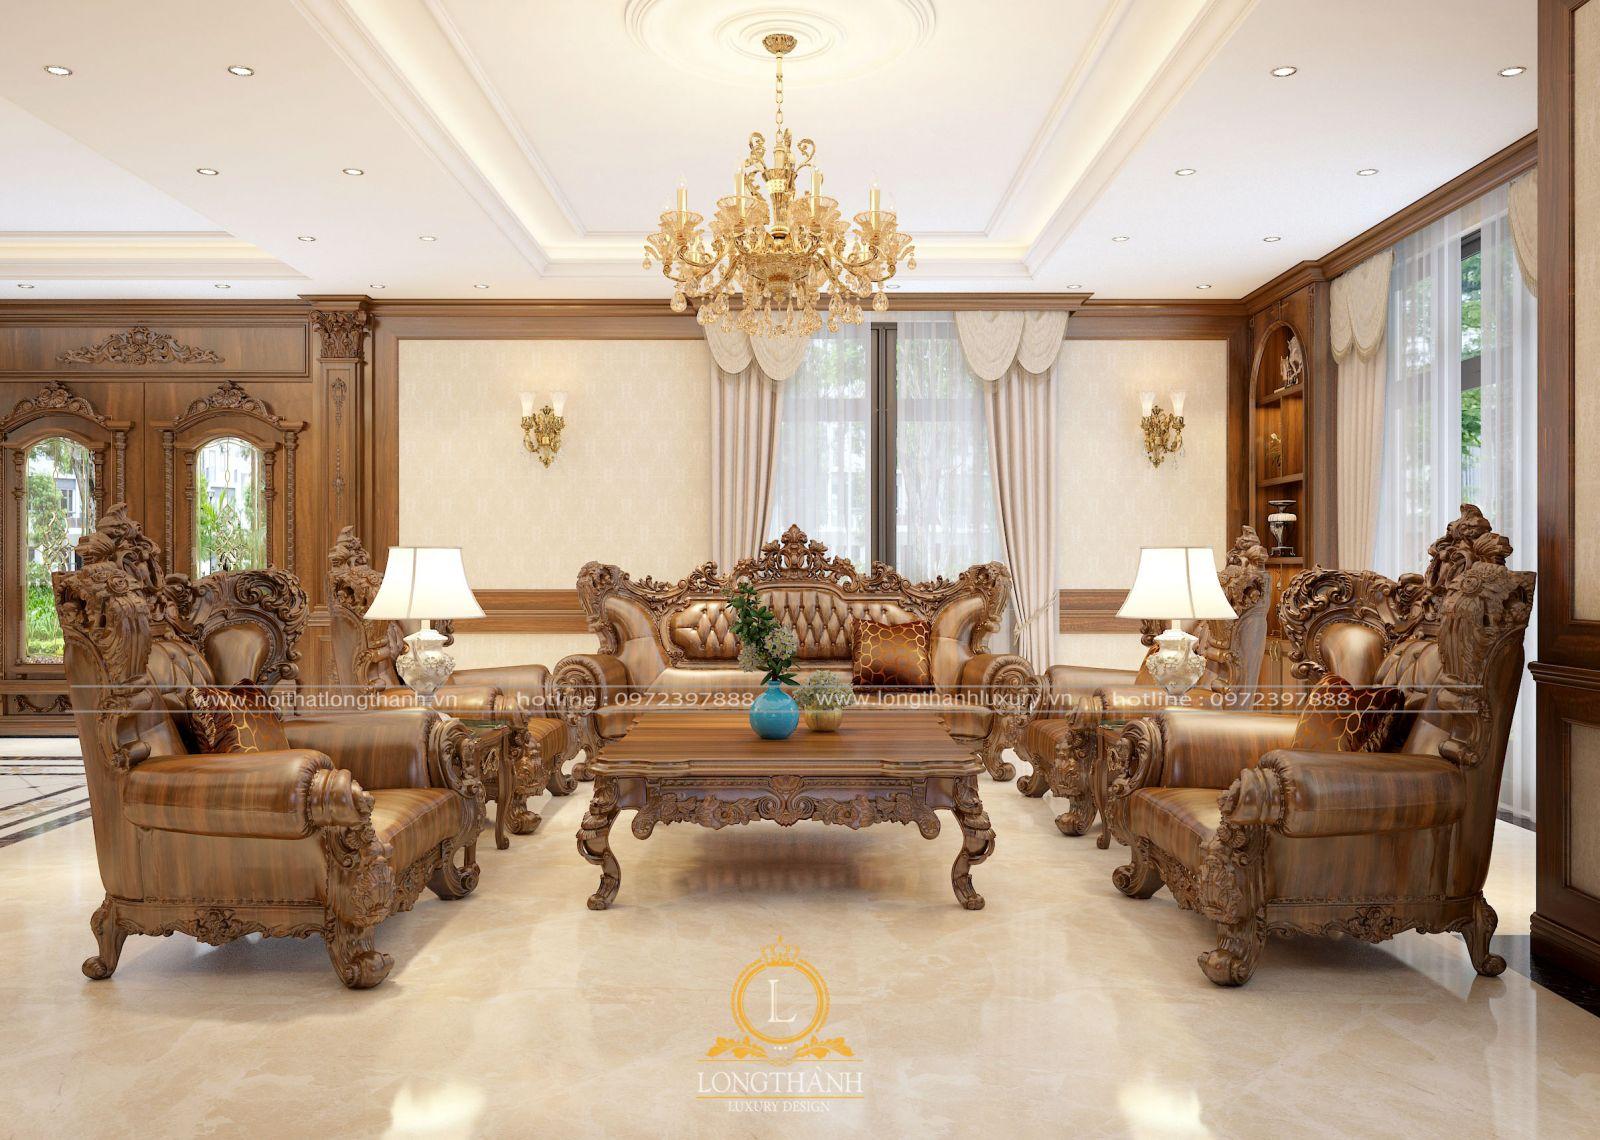 Sofa tân cổ điển với những đường nét tinh tế, tỉ mỉ